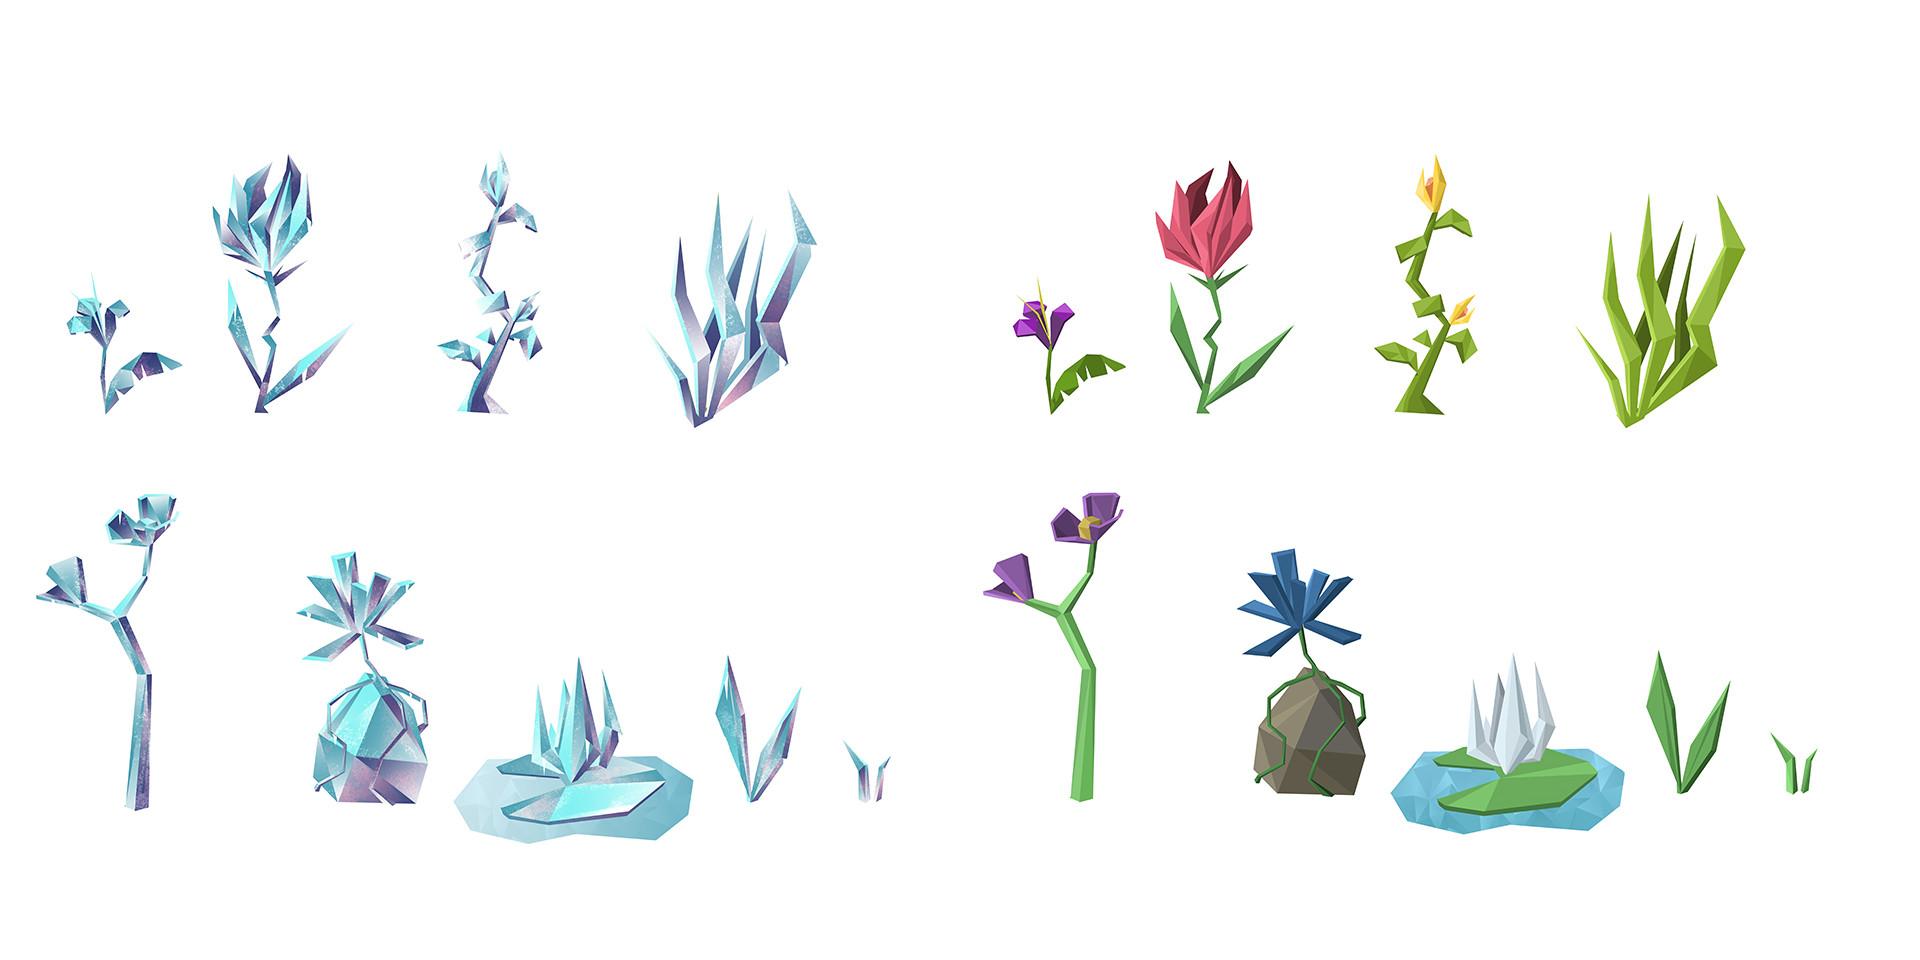 Concept Art - Flore